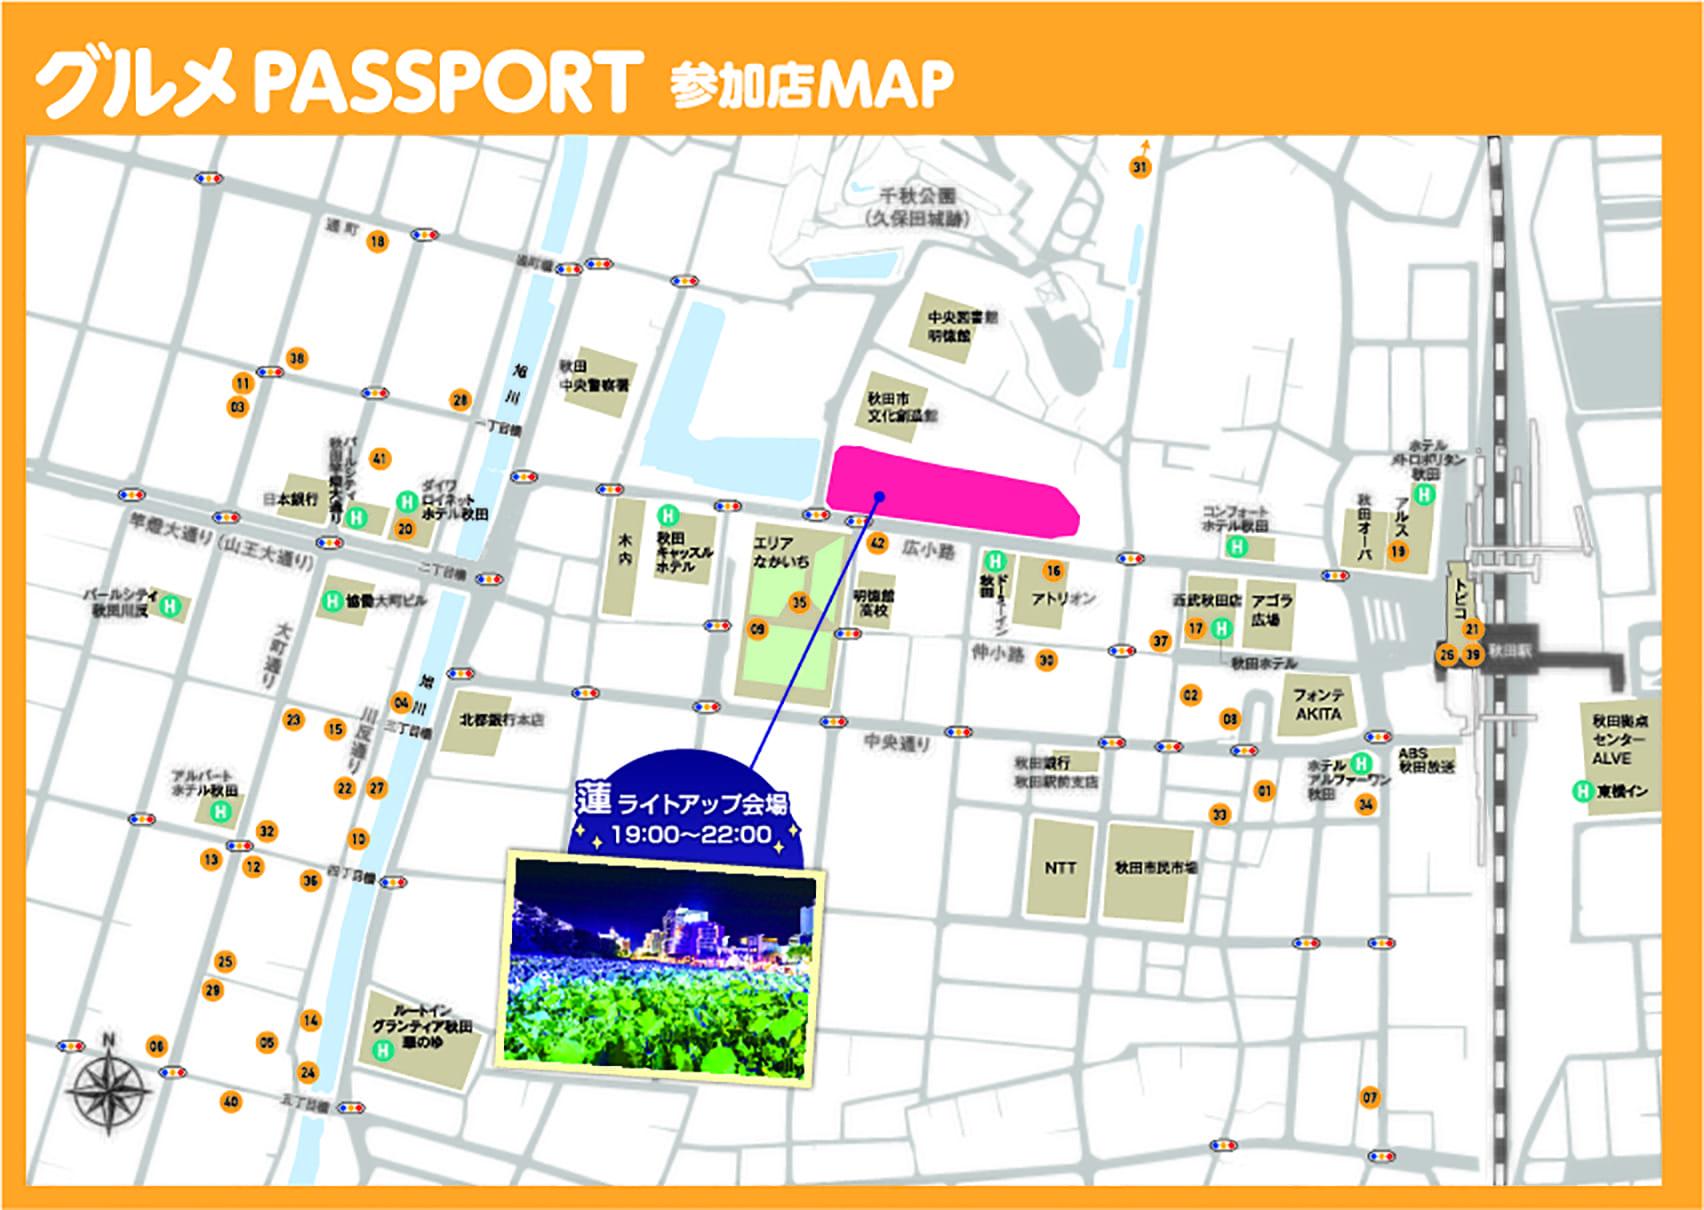 グルメPASSPORT参加点MAP